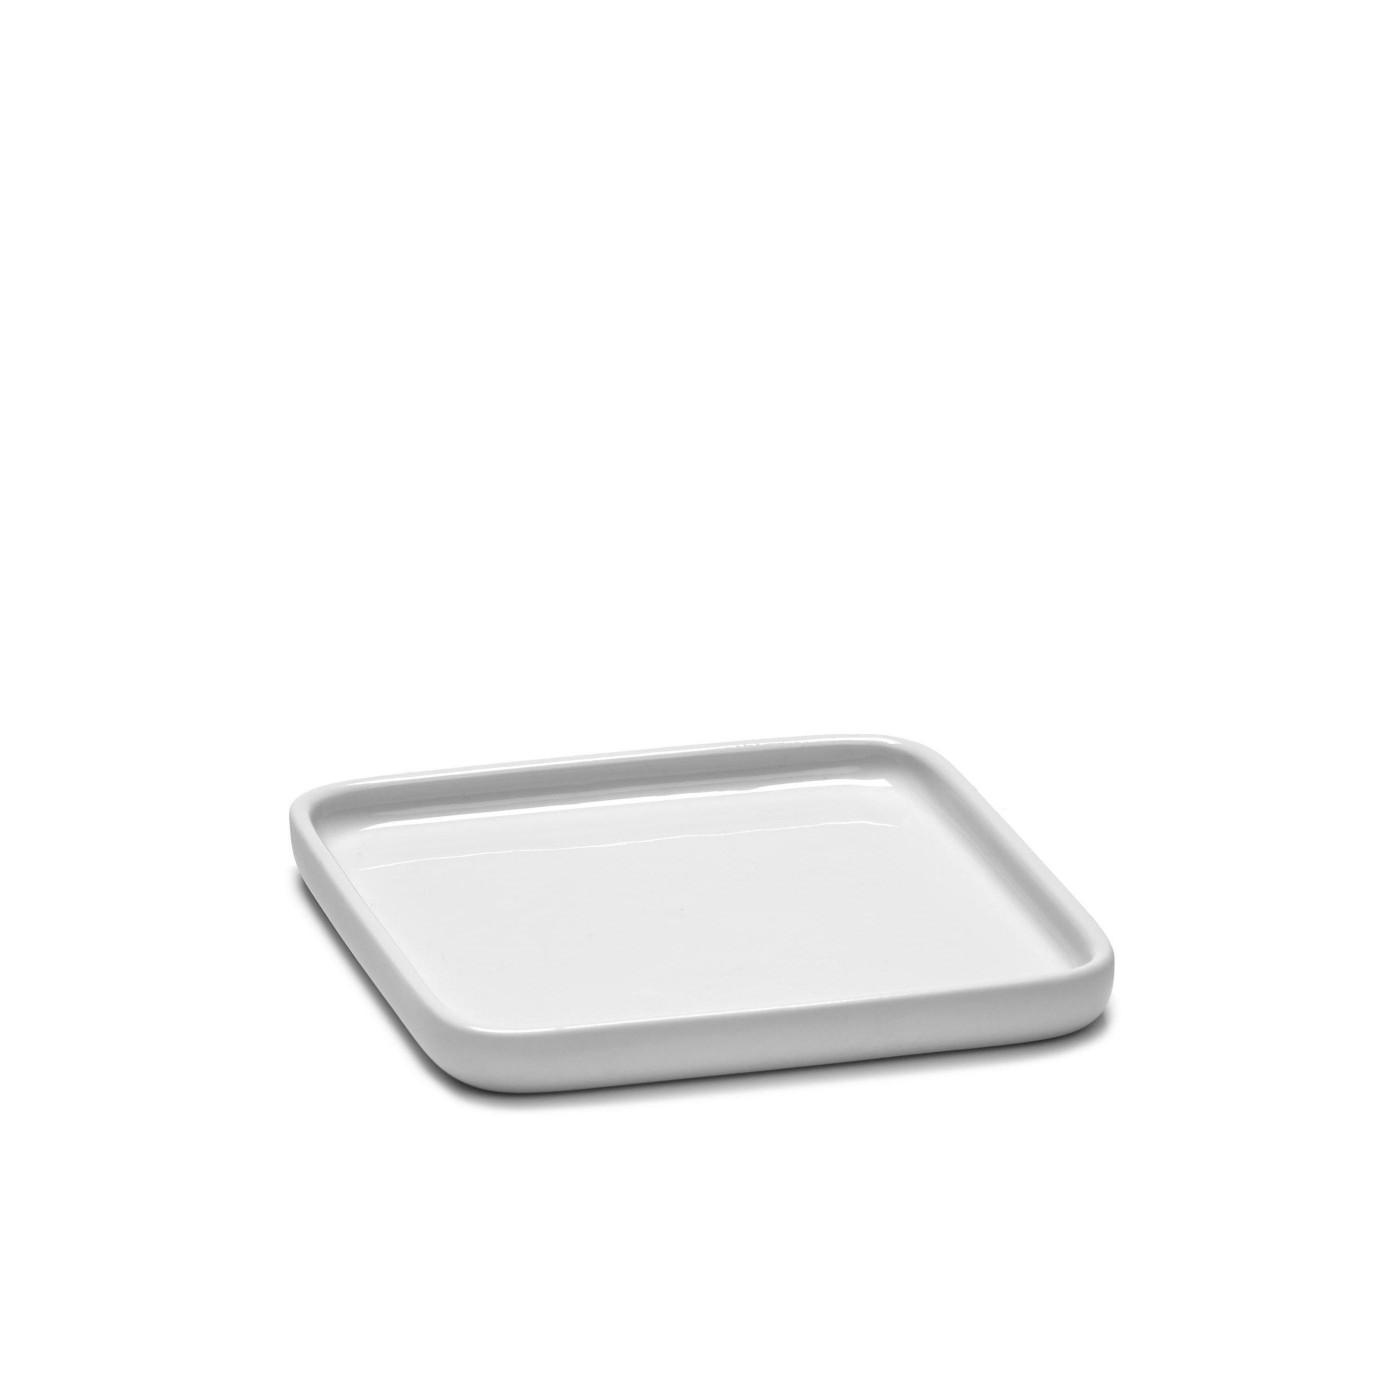 Assiette carrée en porcelaine blanche 12x12cm